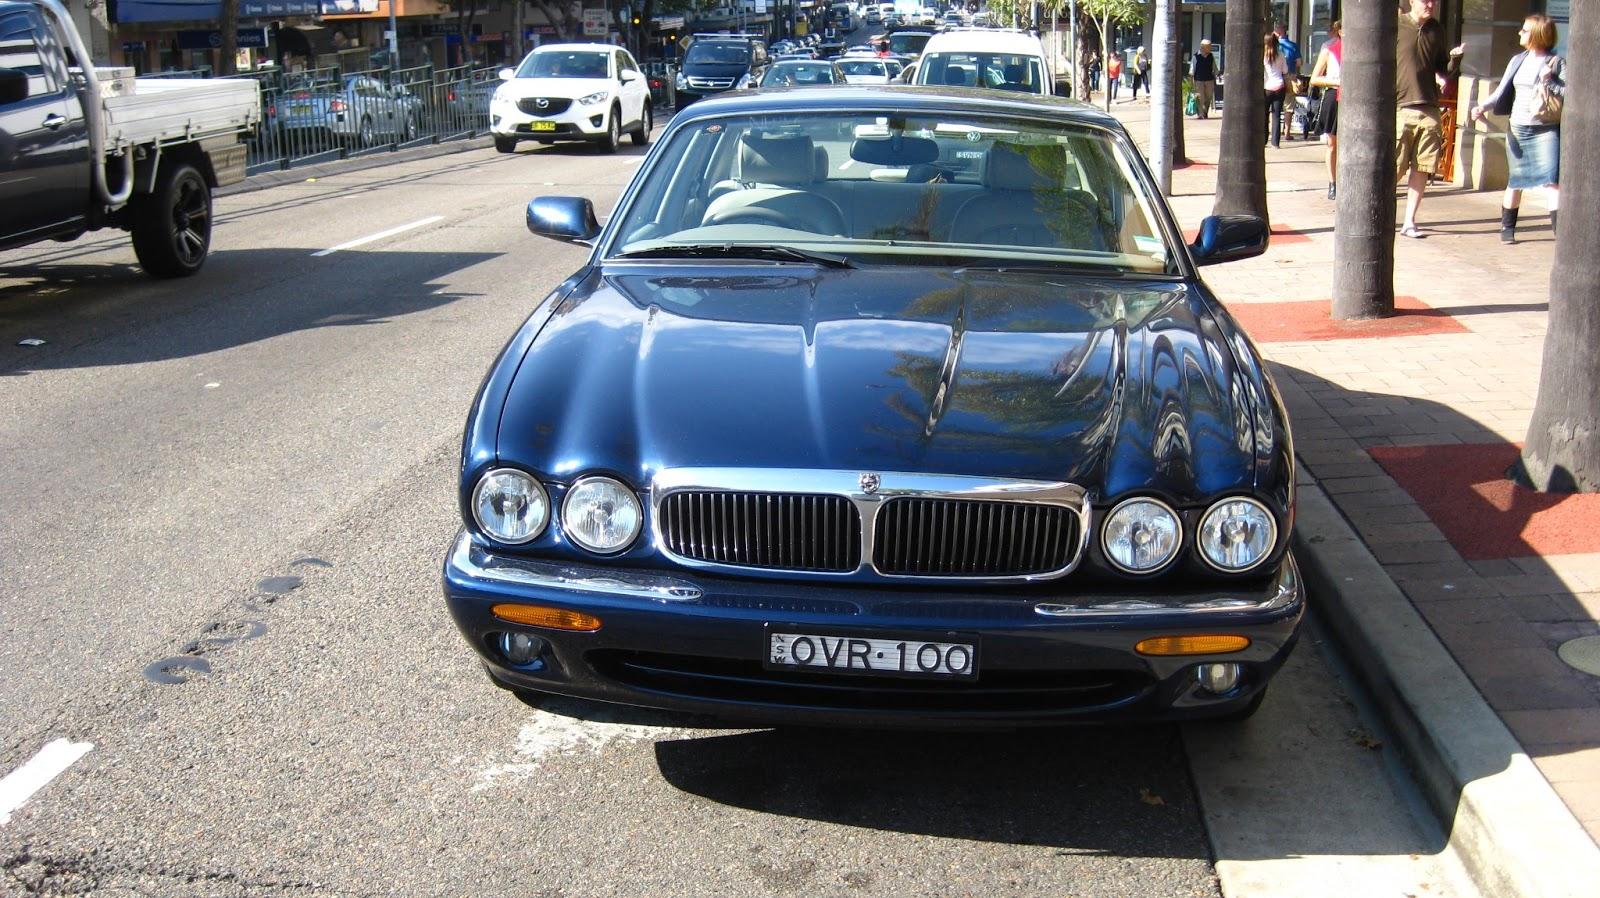 Aussie Old Parked Cars: 1998 Jaguar XJ8 (X308)